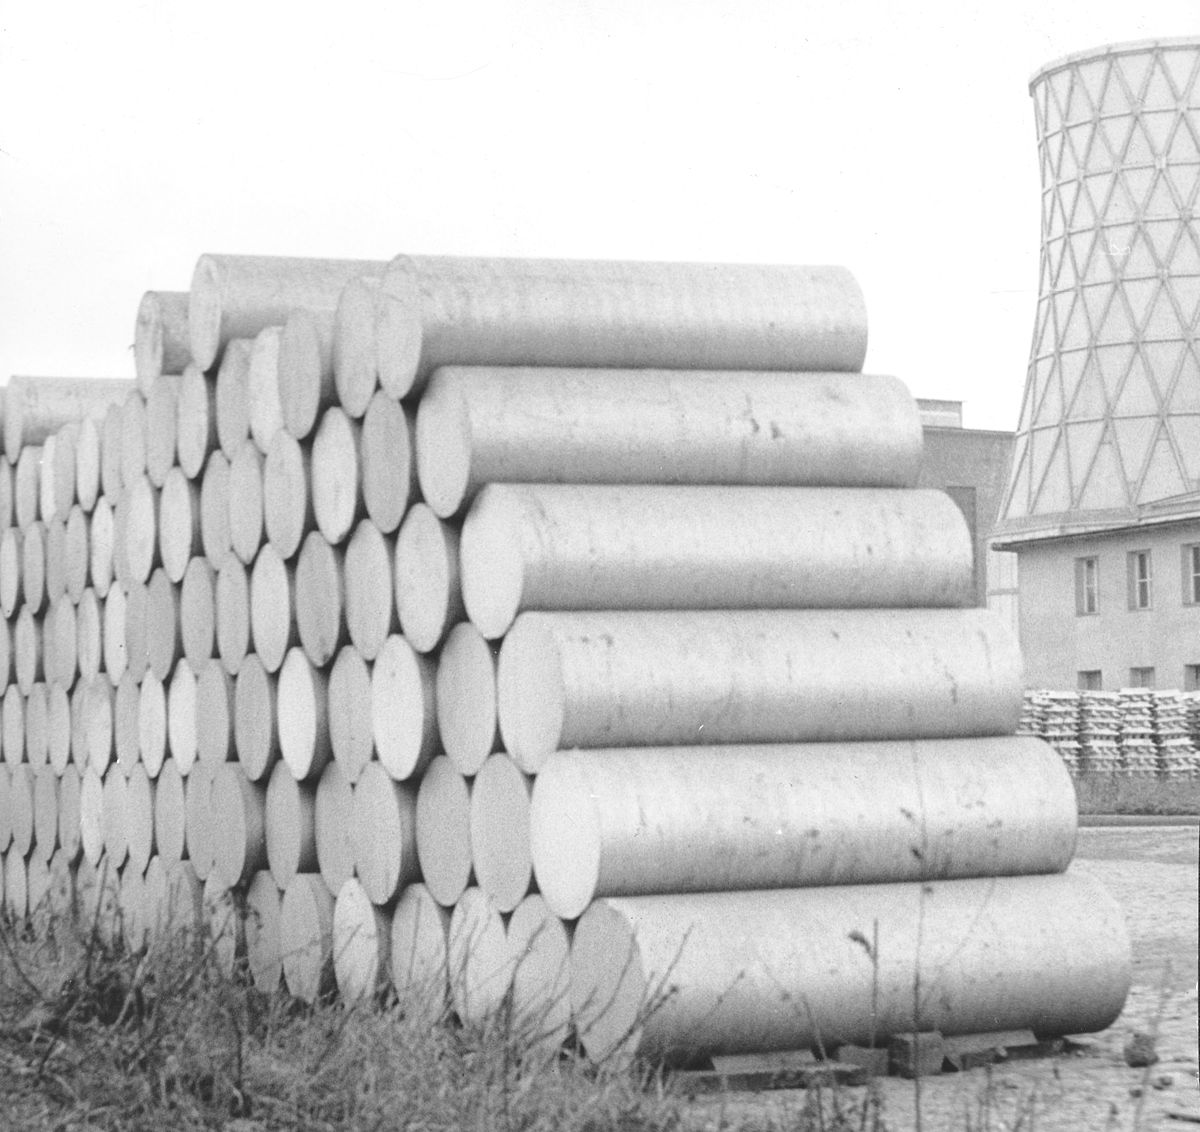 History of aluminium - Wikipedia